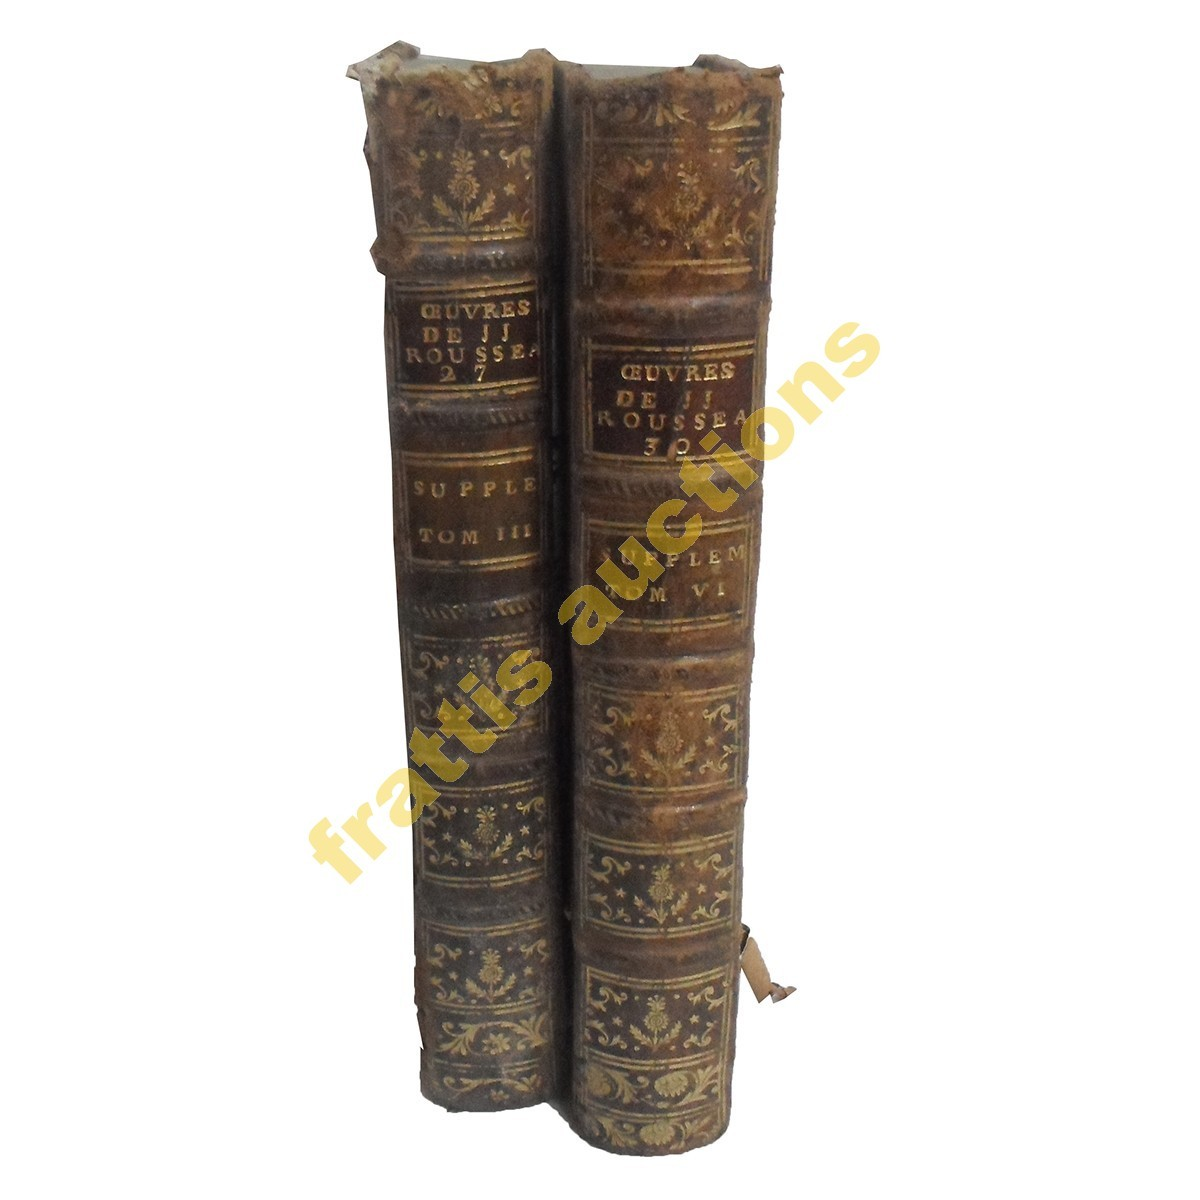 Oeuvres de JJ Rousseau, Bιβλίο 30(ΙΙΙ) &27(VI), 18ος αιώνας.